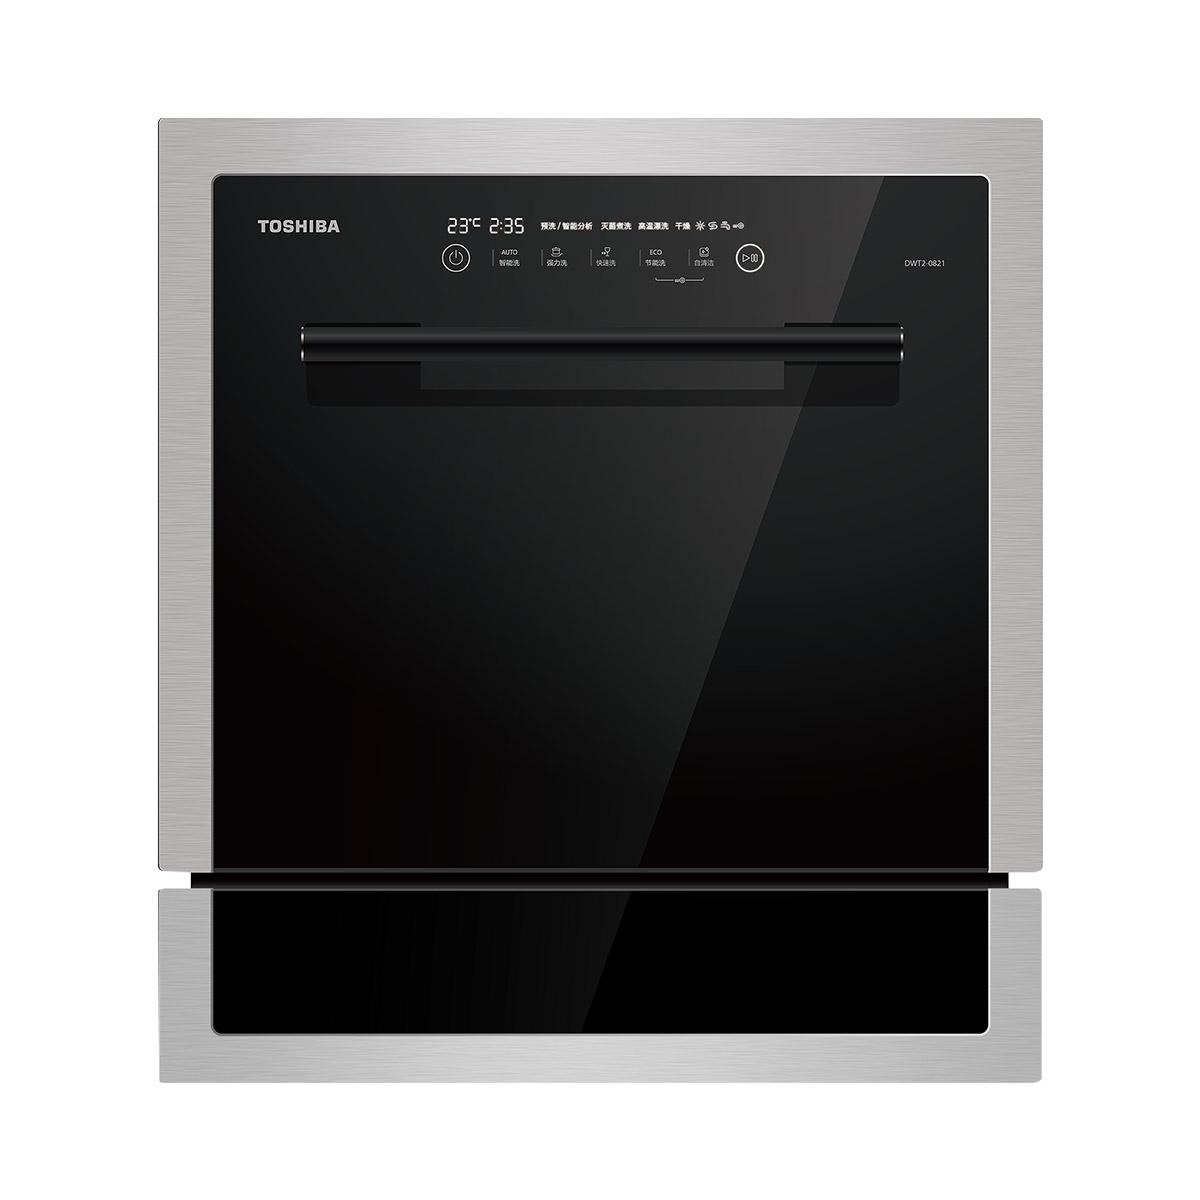 东芝 DWT2-0821洗碗机 说明书.pdf